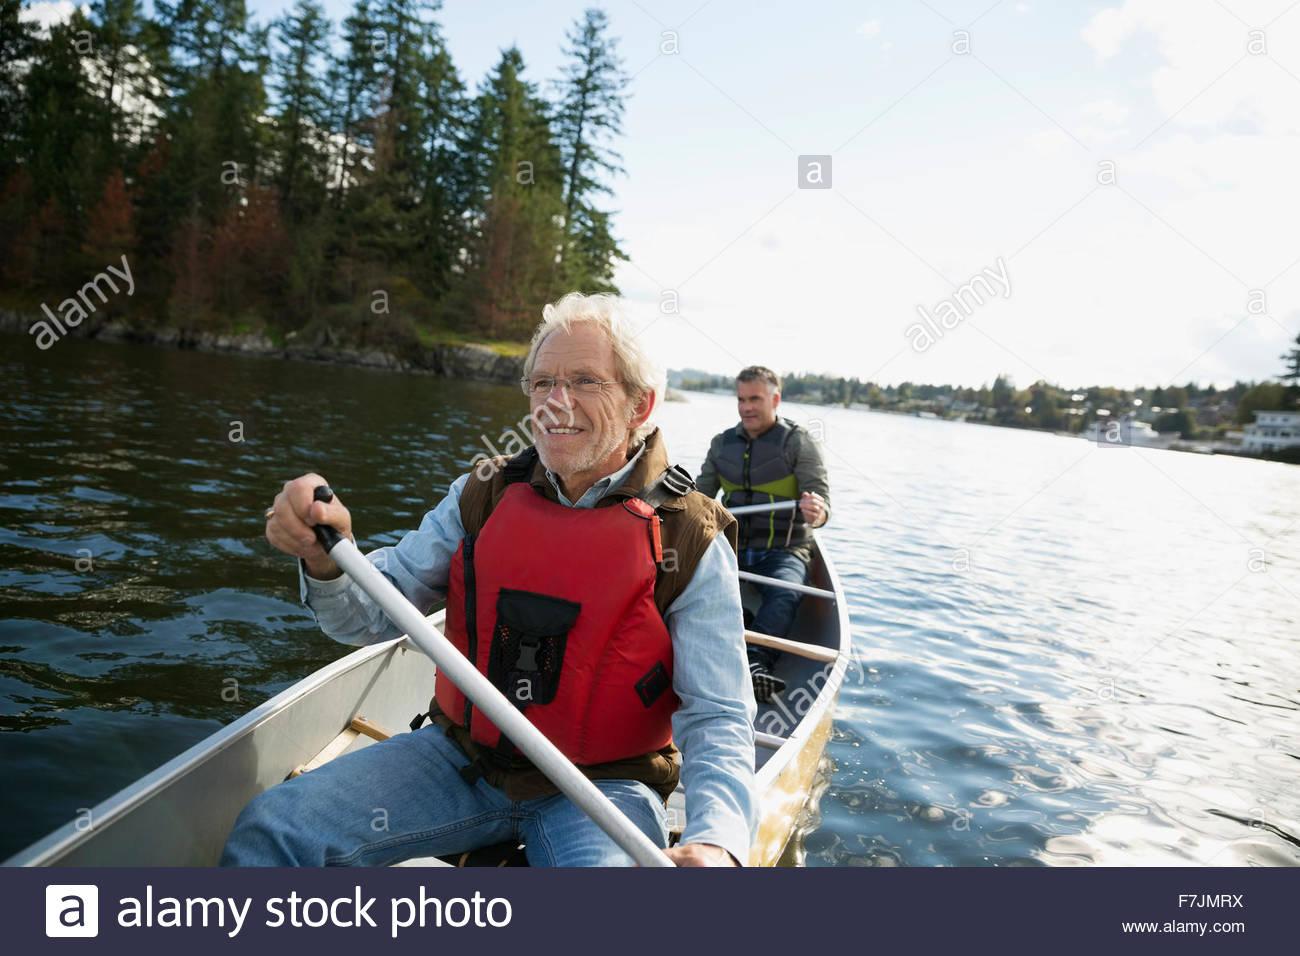 Père et fils canot sur le lac Photo Stock